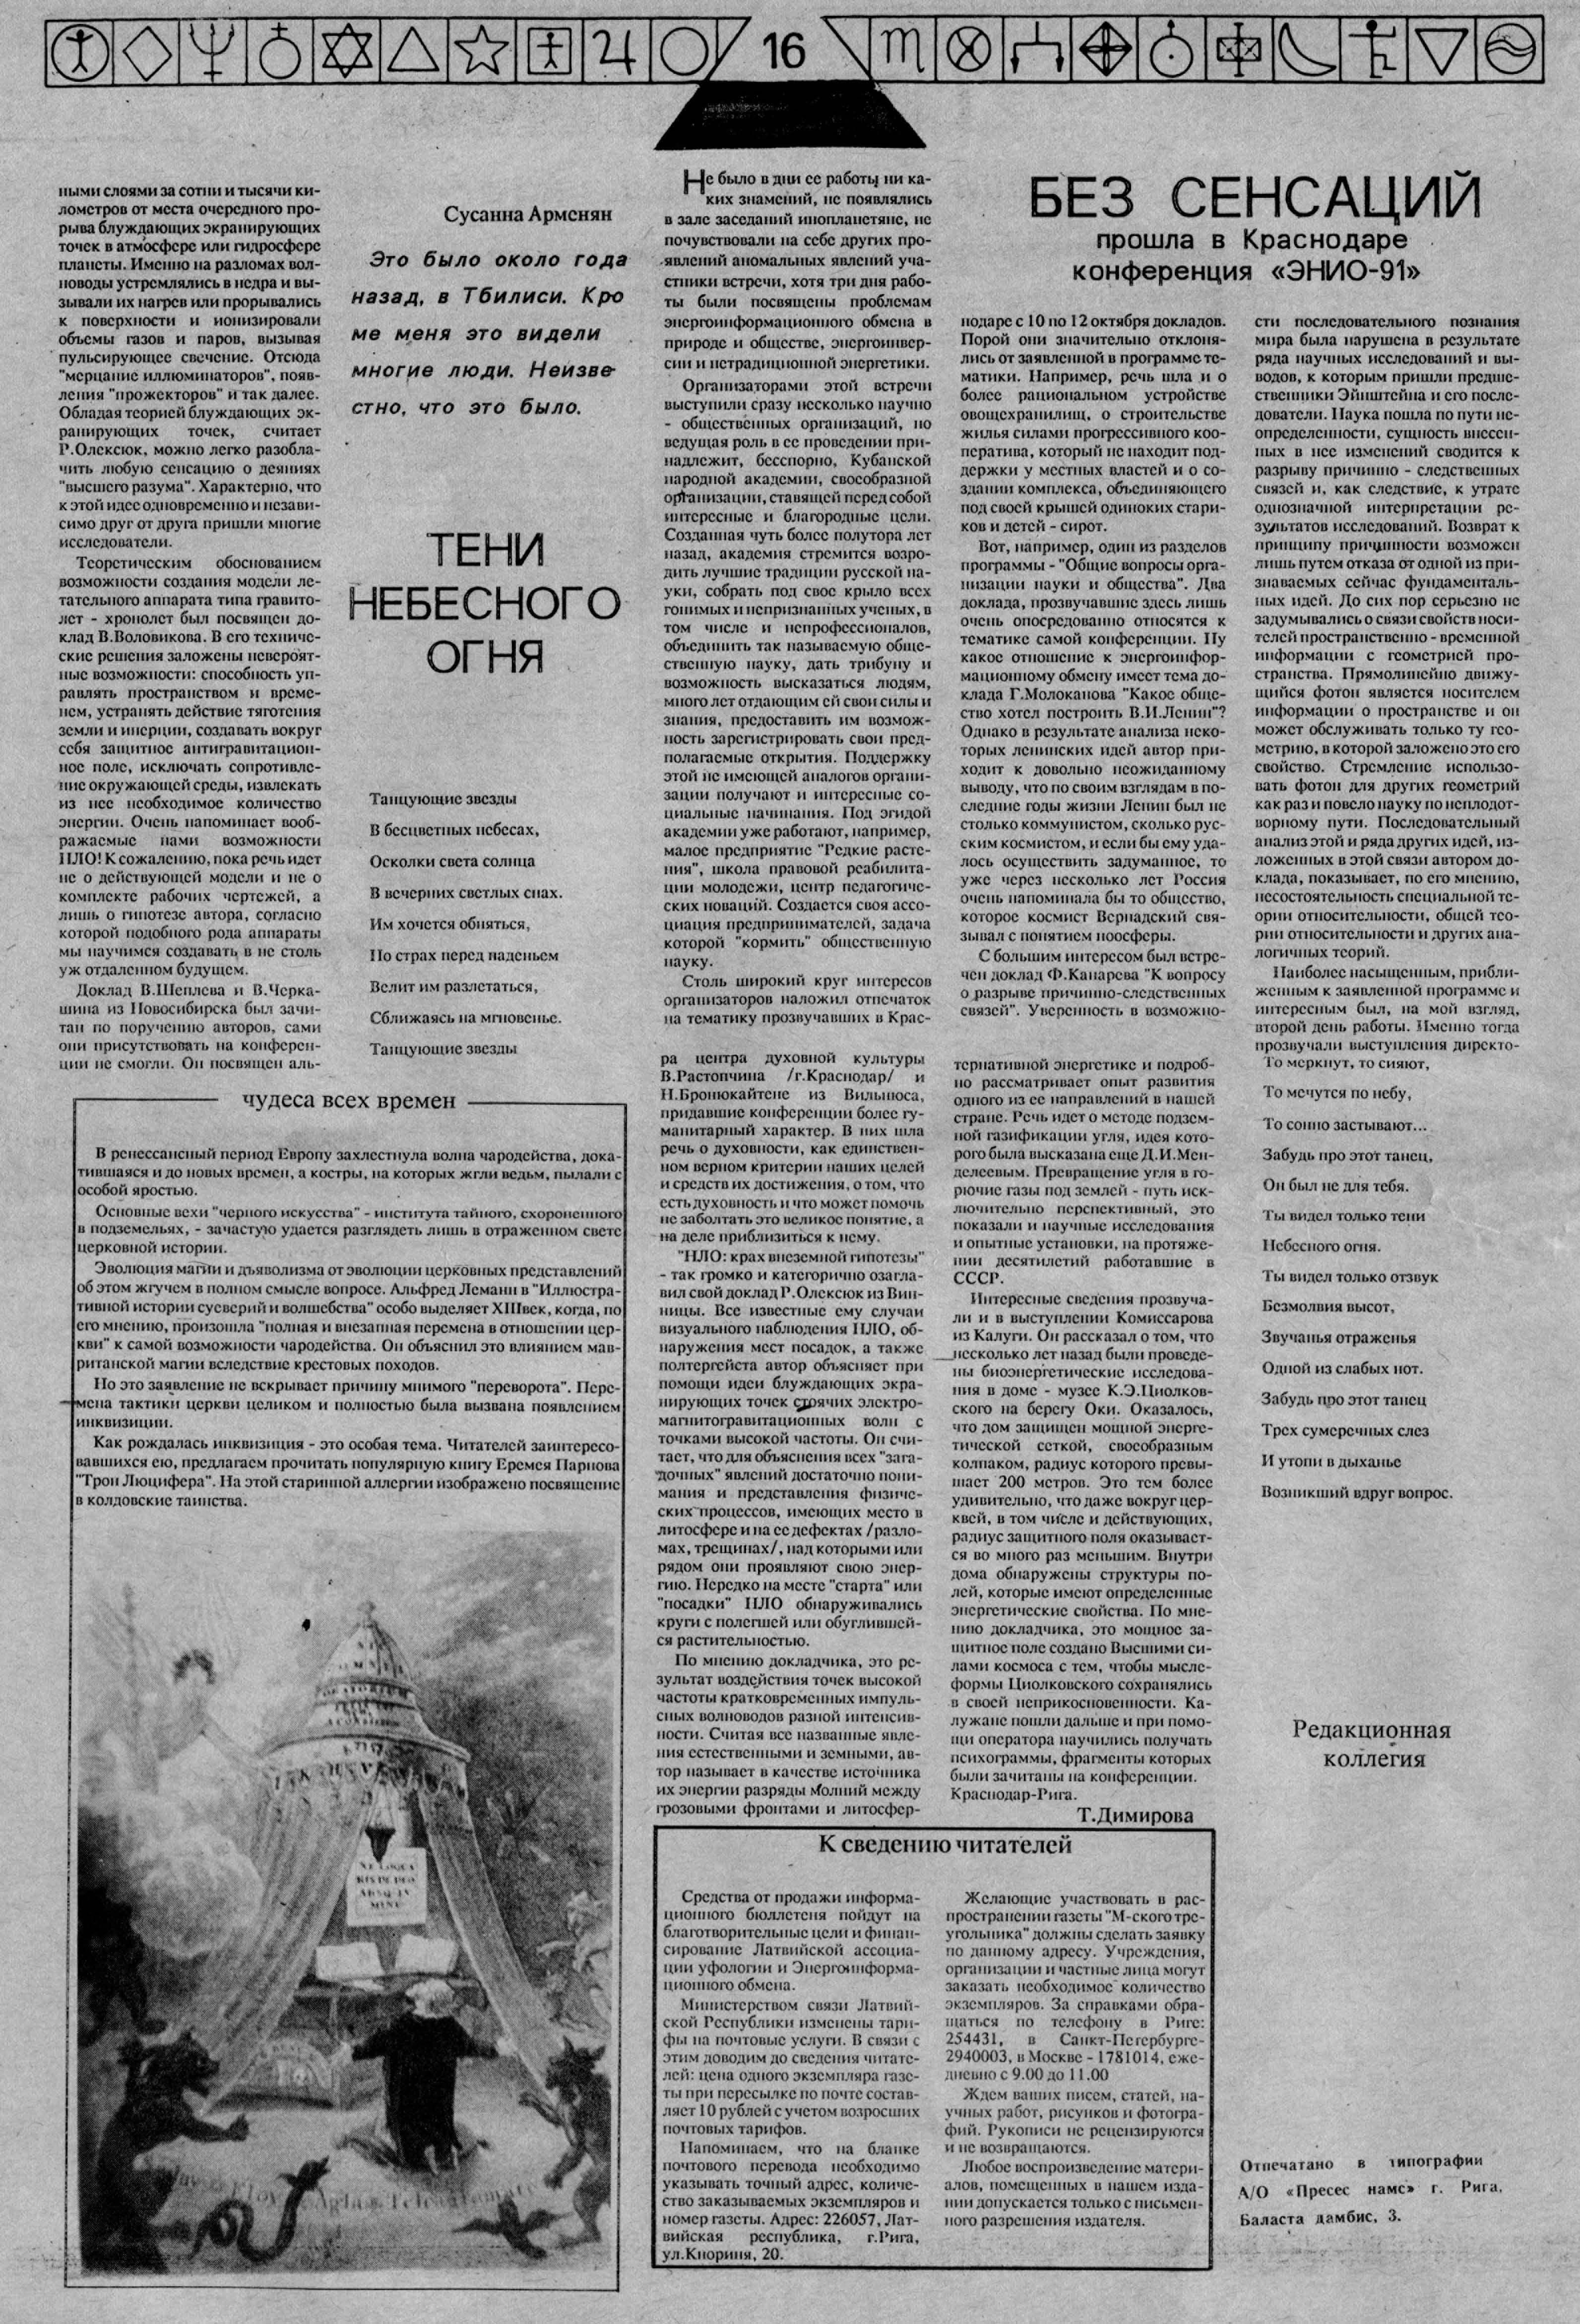 М-ский треугольник #17 (1992)_Страница_16.jpg